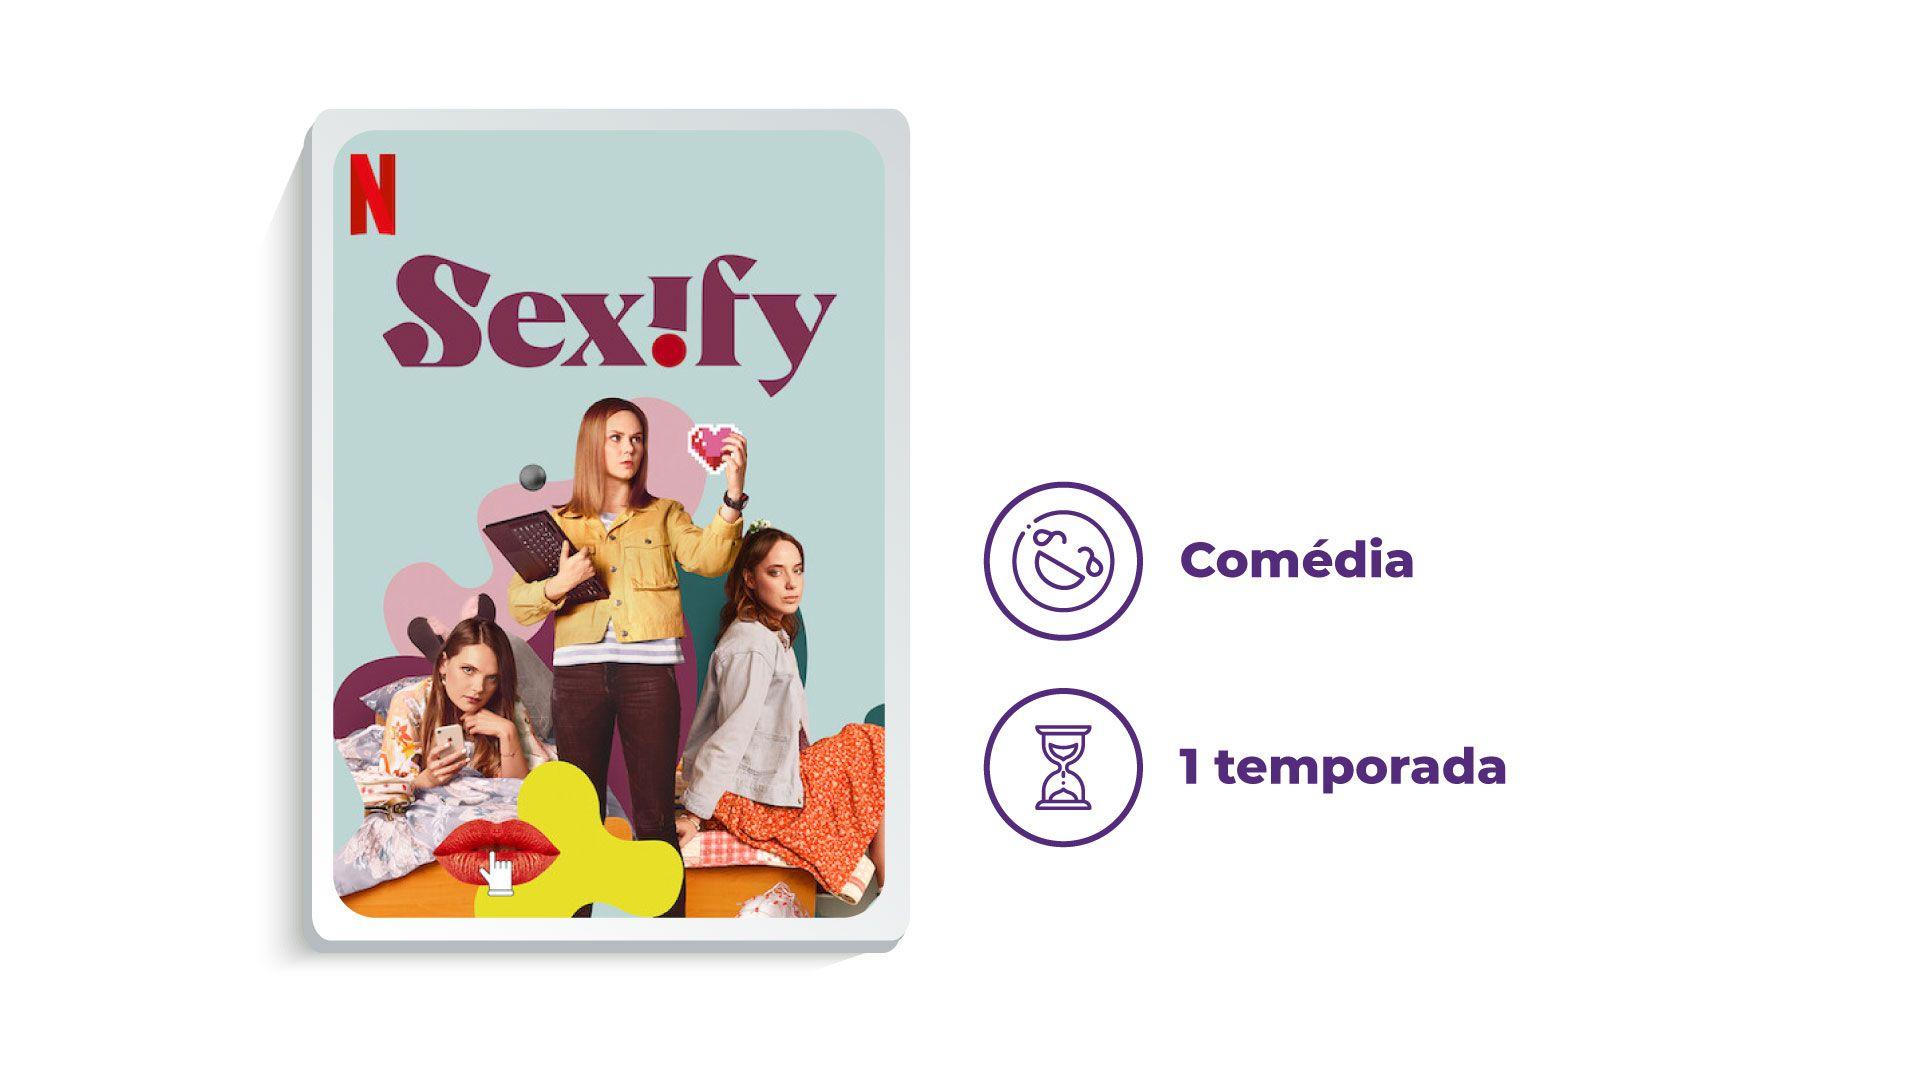 Série Sexify (Foto: Netflix/Zoom)